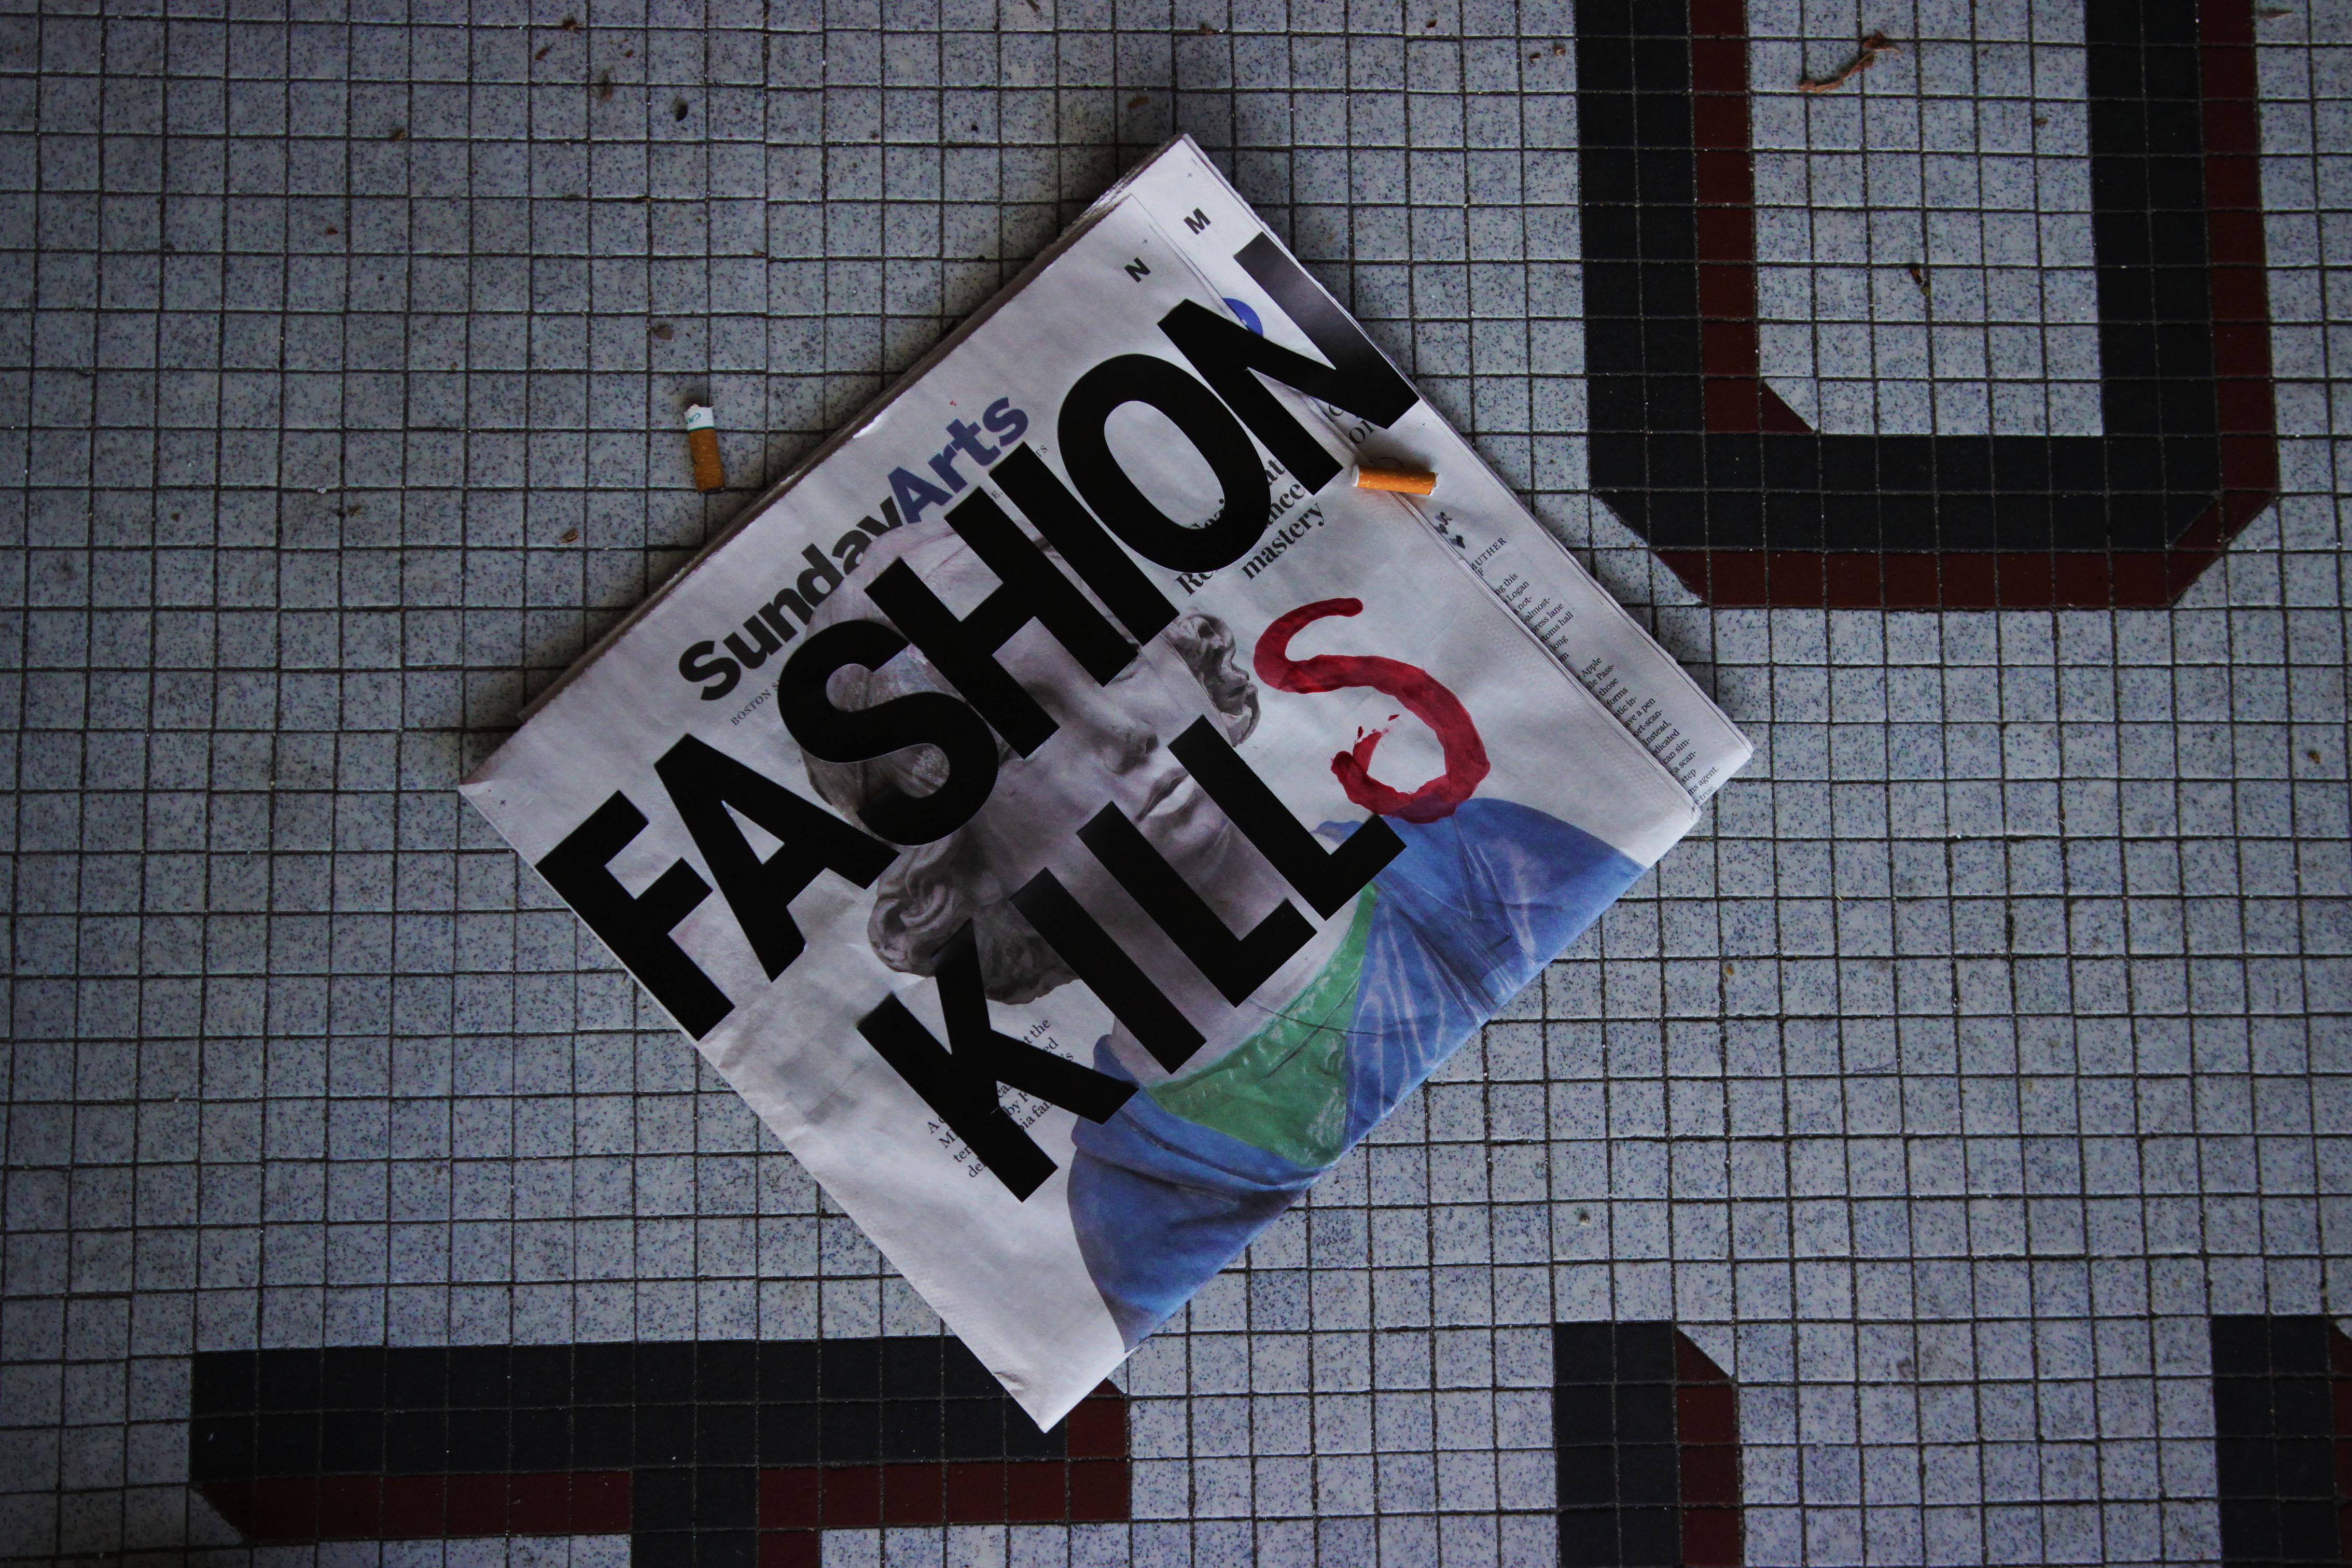 fashionkillsC